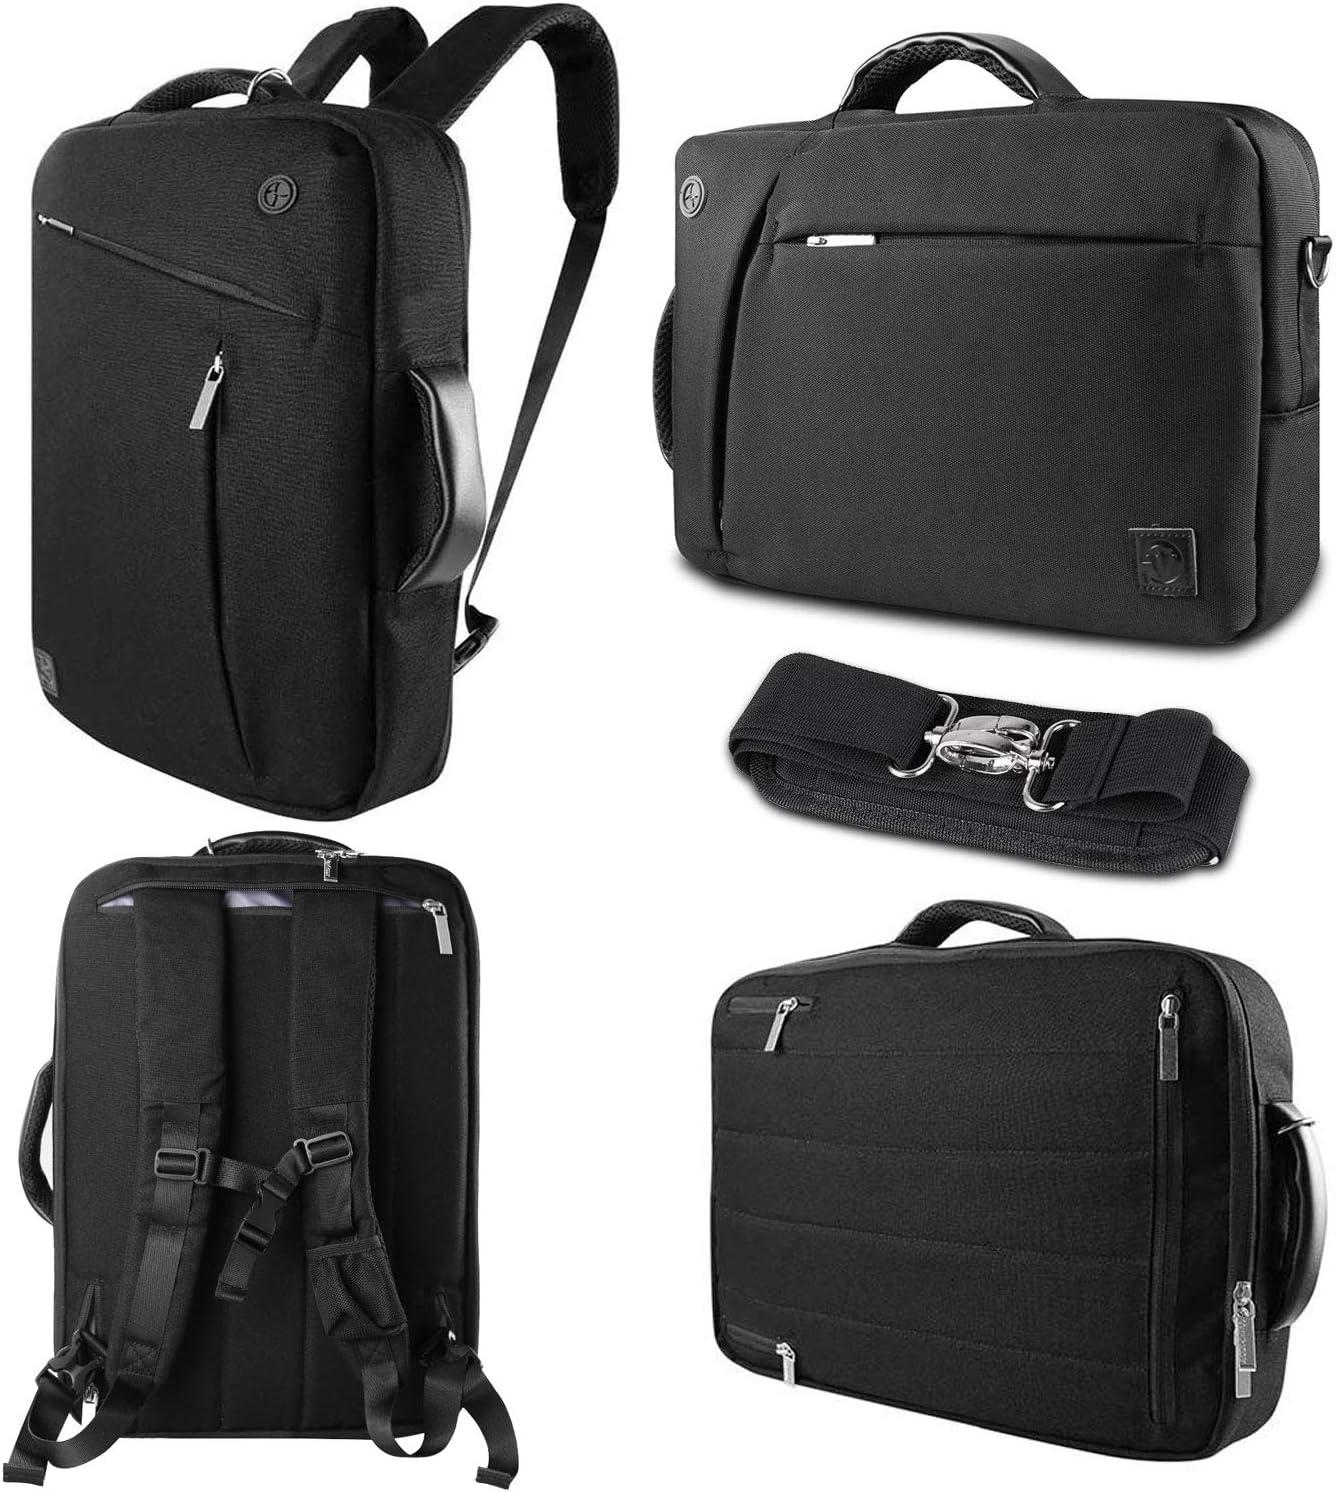 17 17.3 Inch Laptop Briefcase Shoulder Bag Convertible Business Travel Backpack Slim Messenger Handbags for Asus ROG Mothership, VivoBook Pro 17, Acer Aspire 5, Alienware m17 R4, HP Envy 17